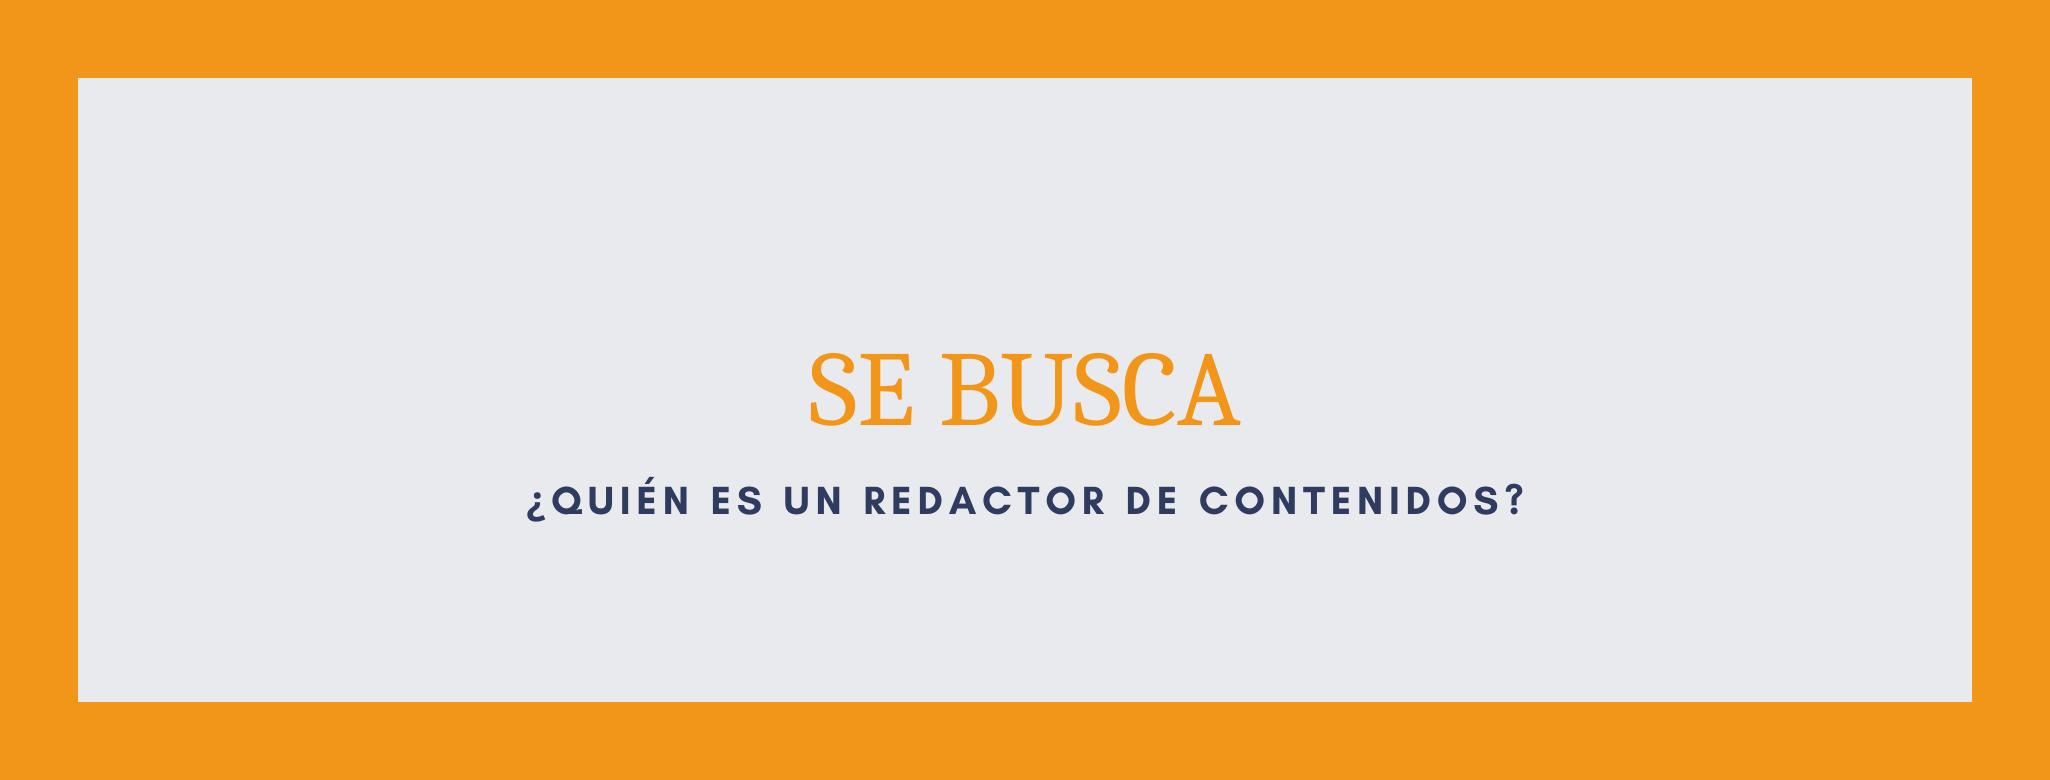 La importancia de un redactor de contenidos en la estrategia de marketing digital.